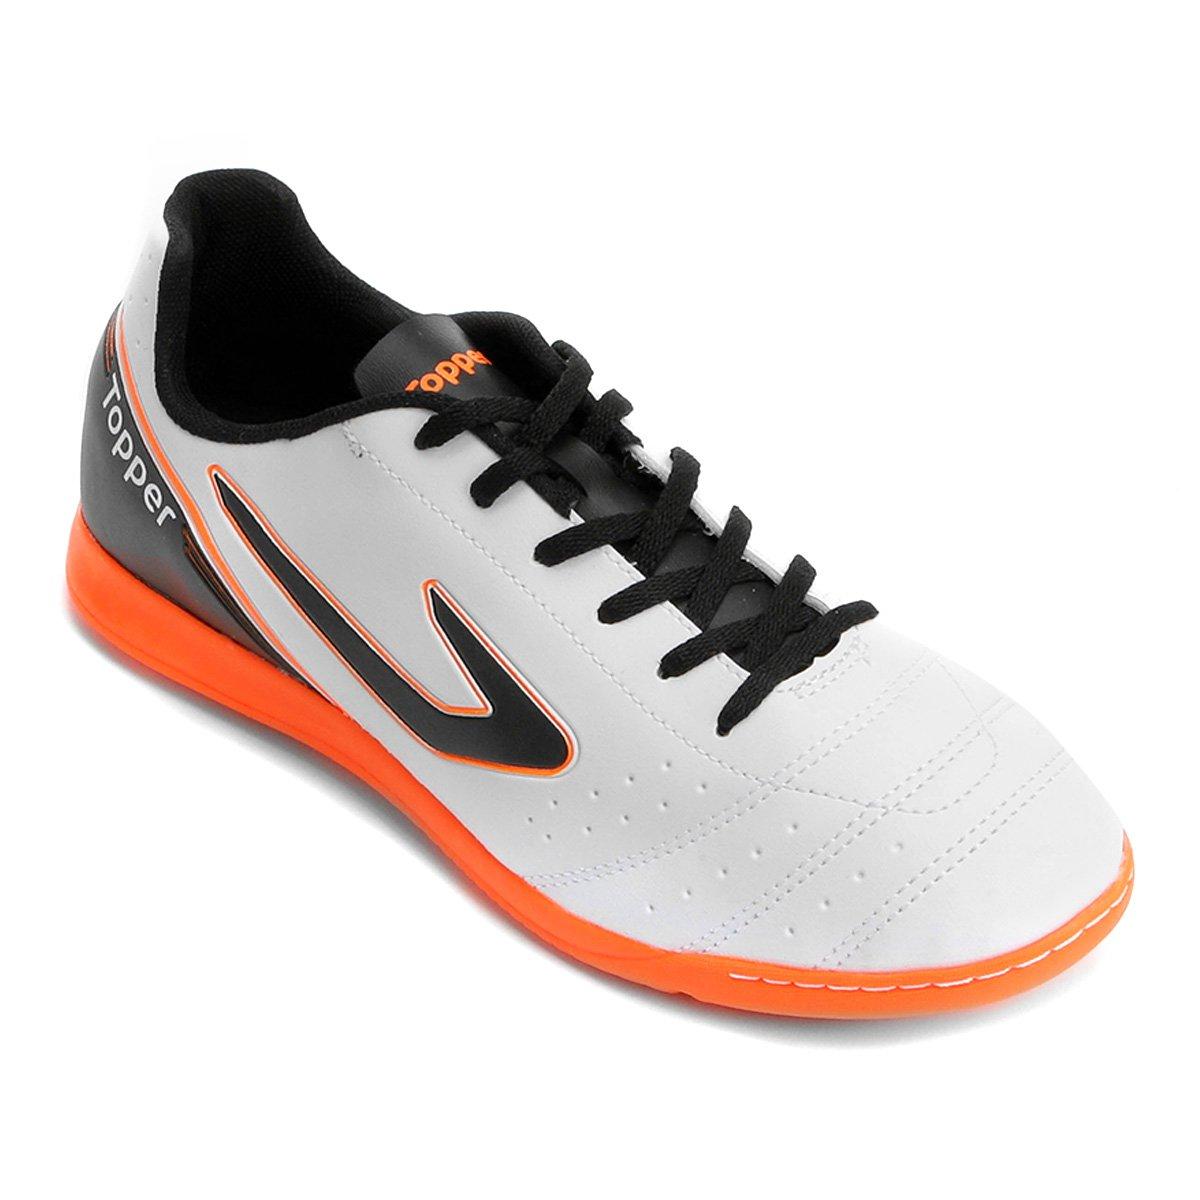 1a7248348 Chuteira Futsal Topper Drible